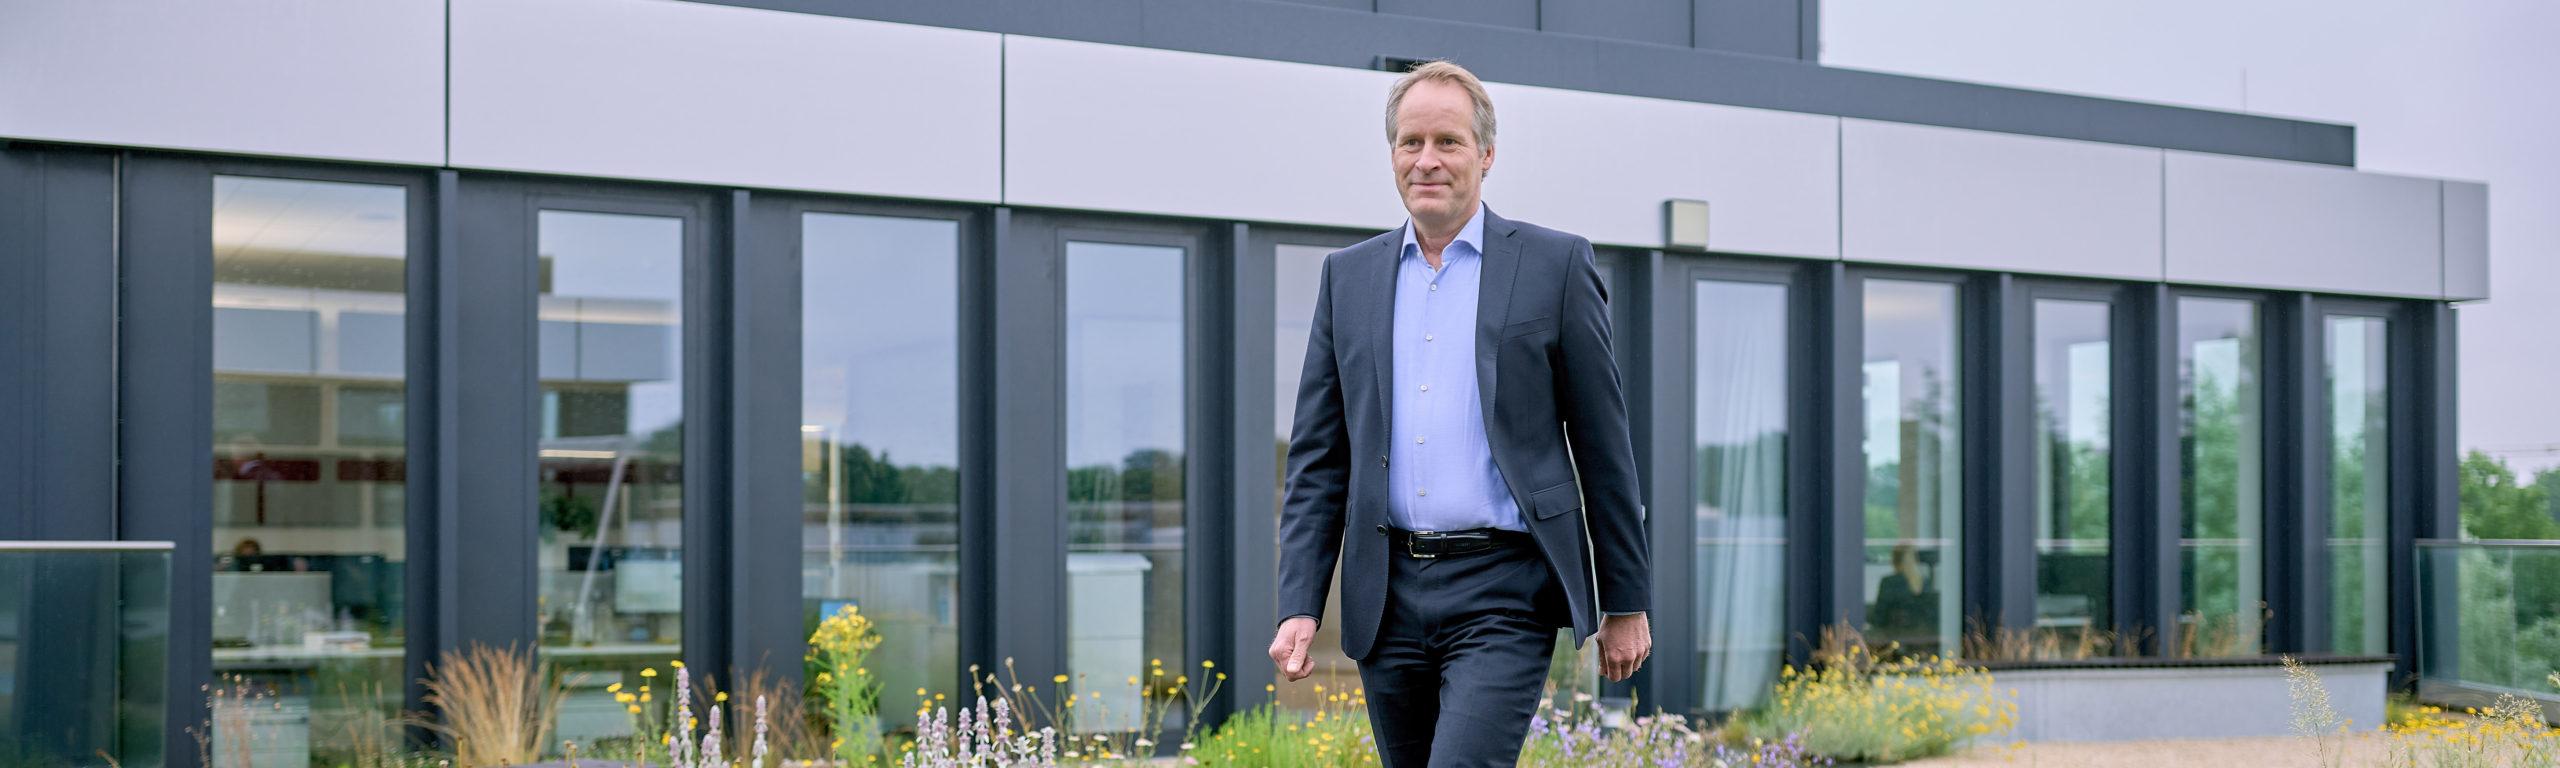 Porsche Consulting / Marco Prosch